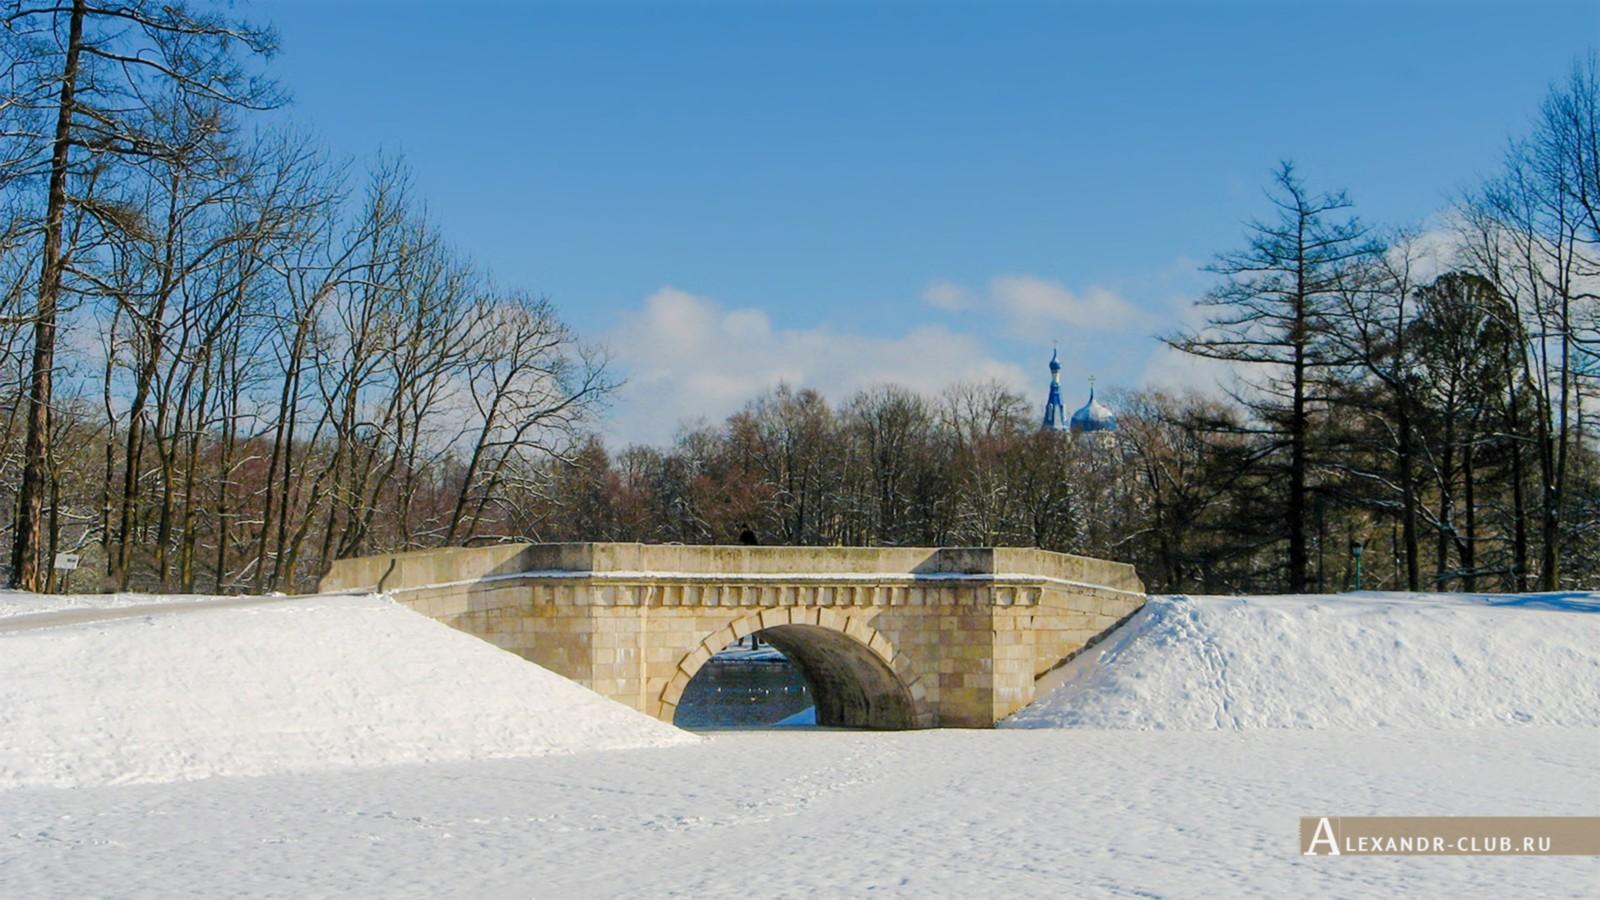 Карпин мост, Гатчинский парк